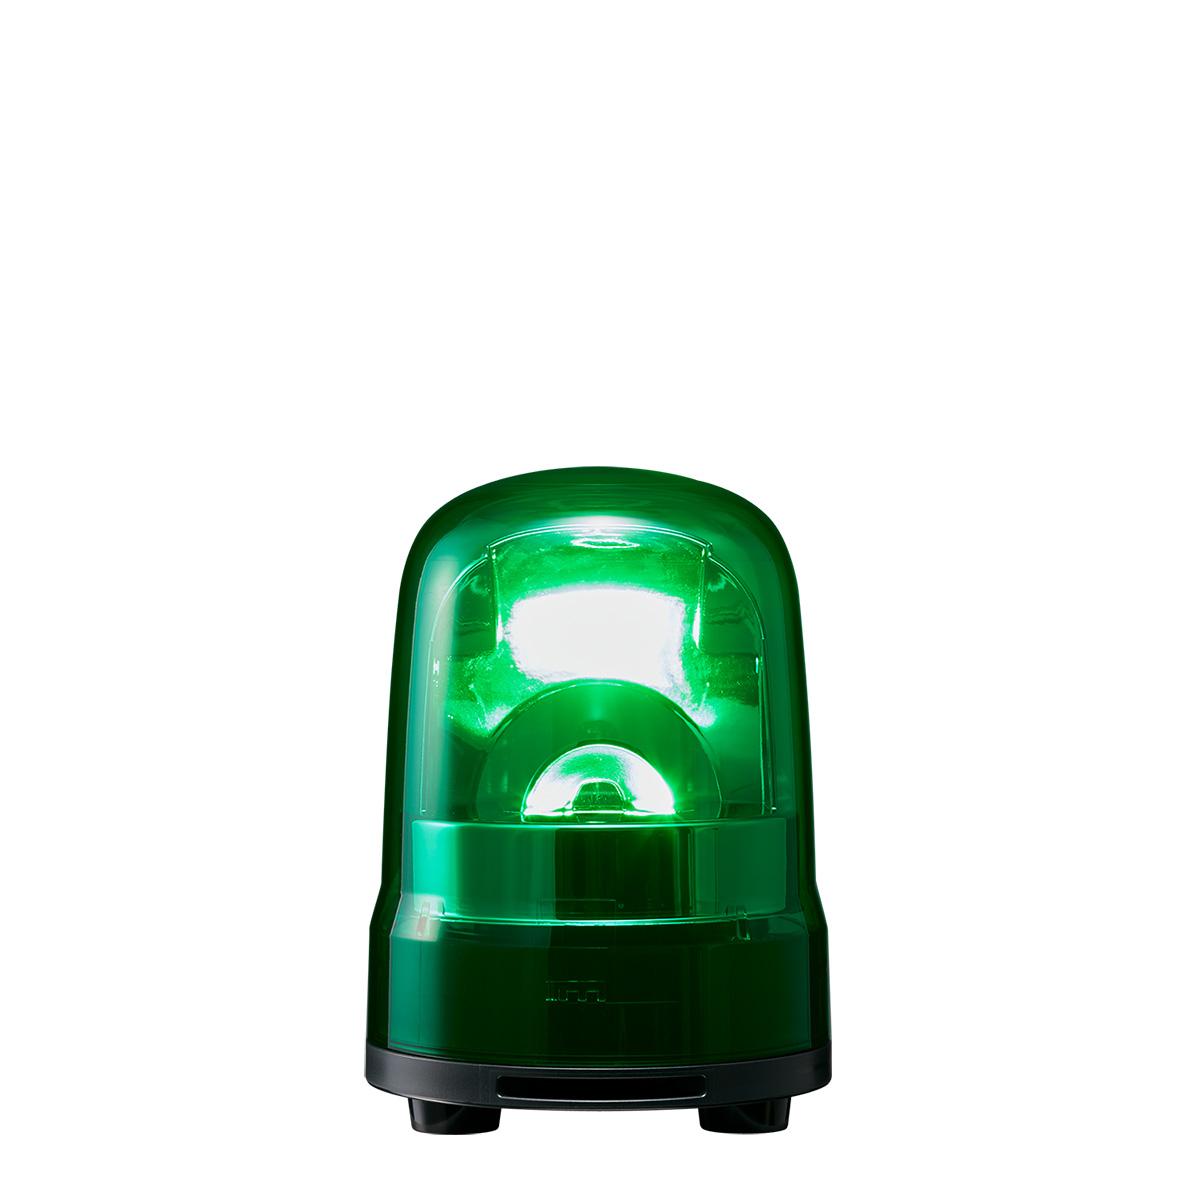 激安価格の パトライト LED回転灯(ブラシレスモータ) SK AC100V 3.3W ※受注生産品 100mm グリーン(緑色) ACプラグ付コード ブザーあり SKH-M2B-G ※受注生産品, タガワグン:4c150db9 --- feiertage-api.de